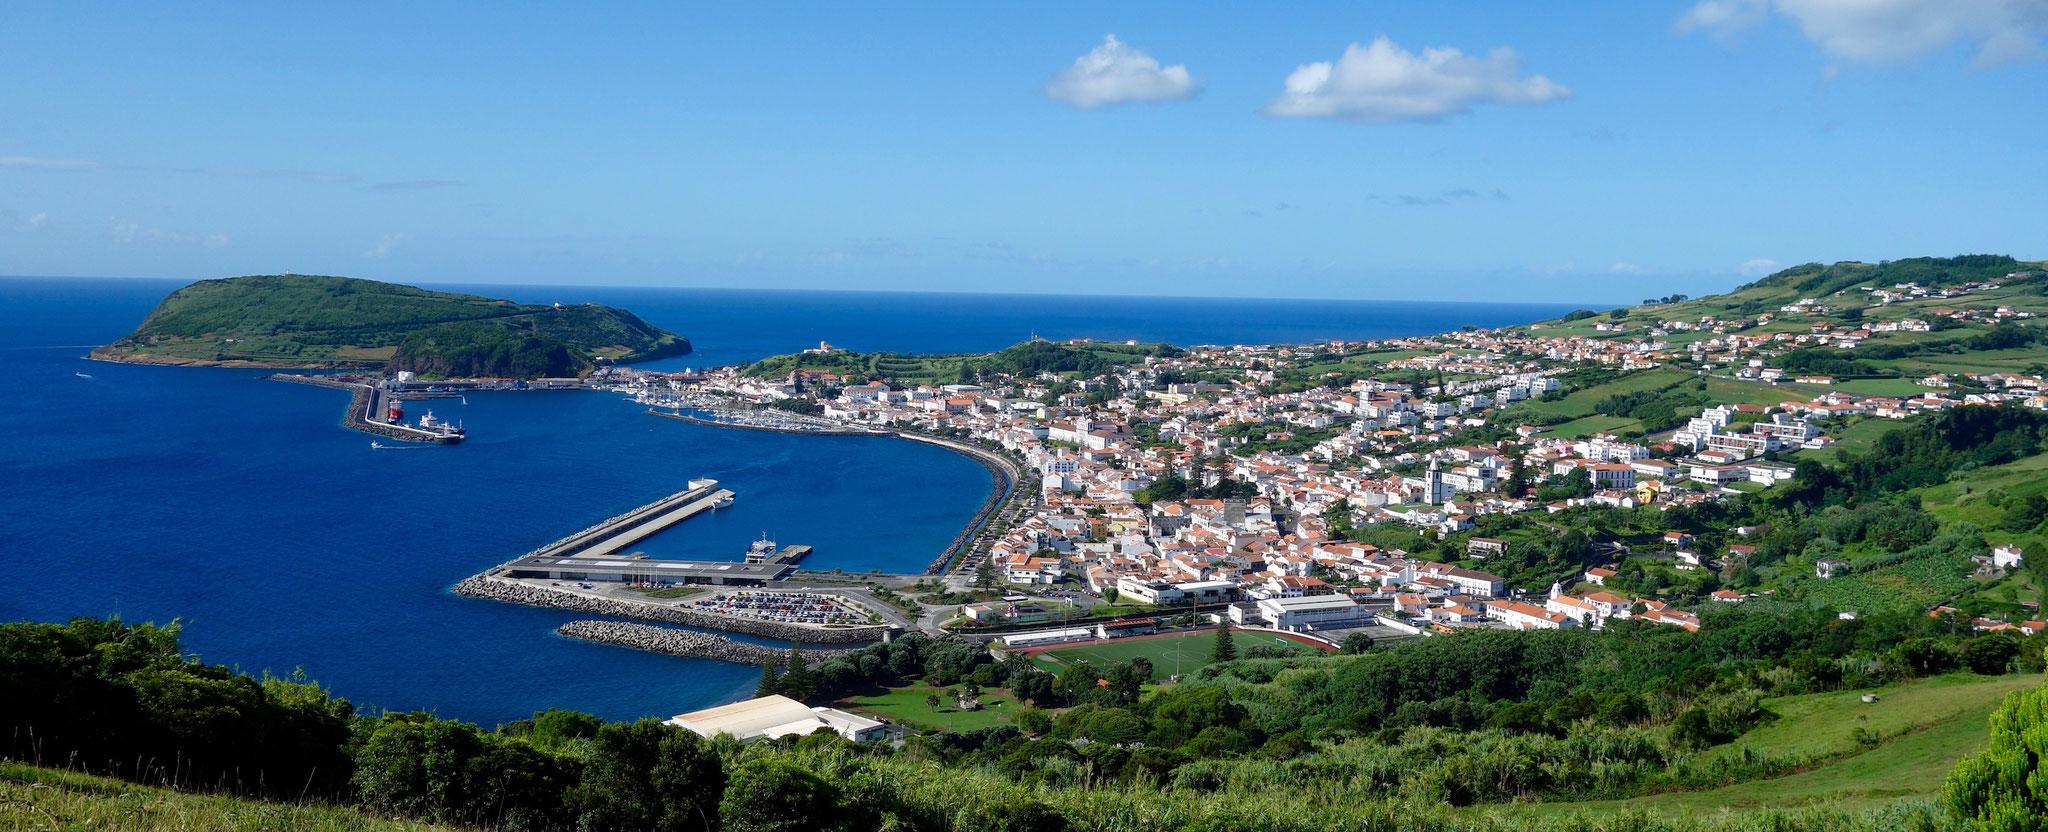 Hortas Hafen mit Monte da Guia